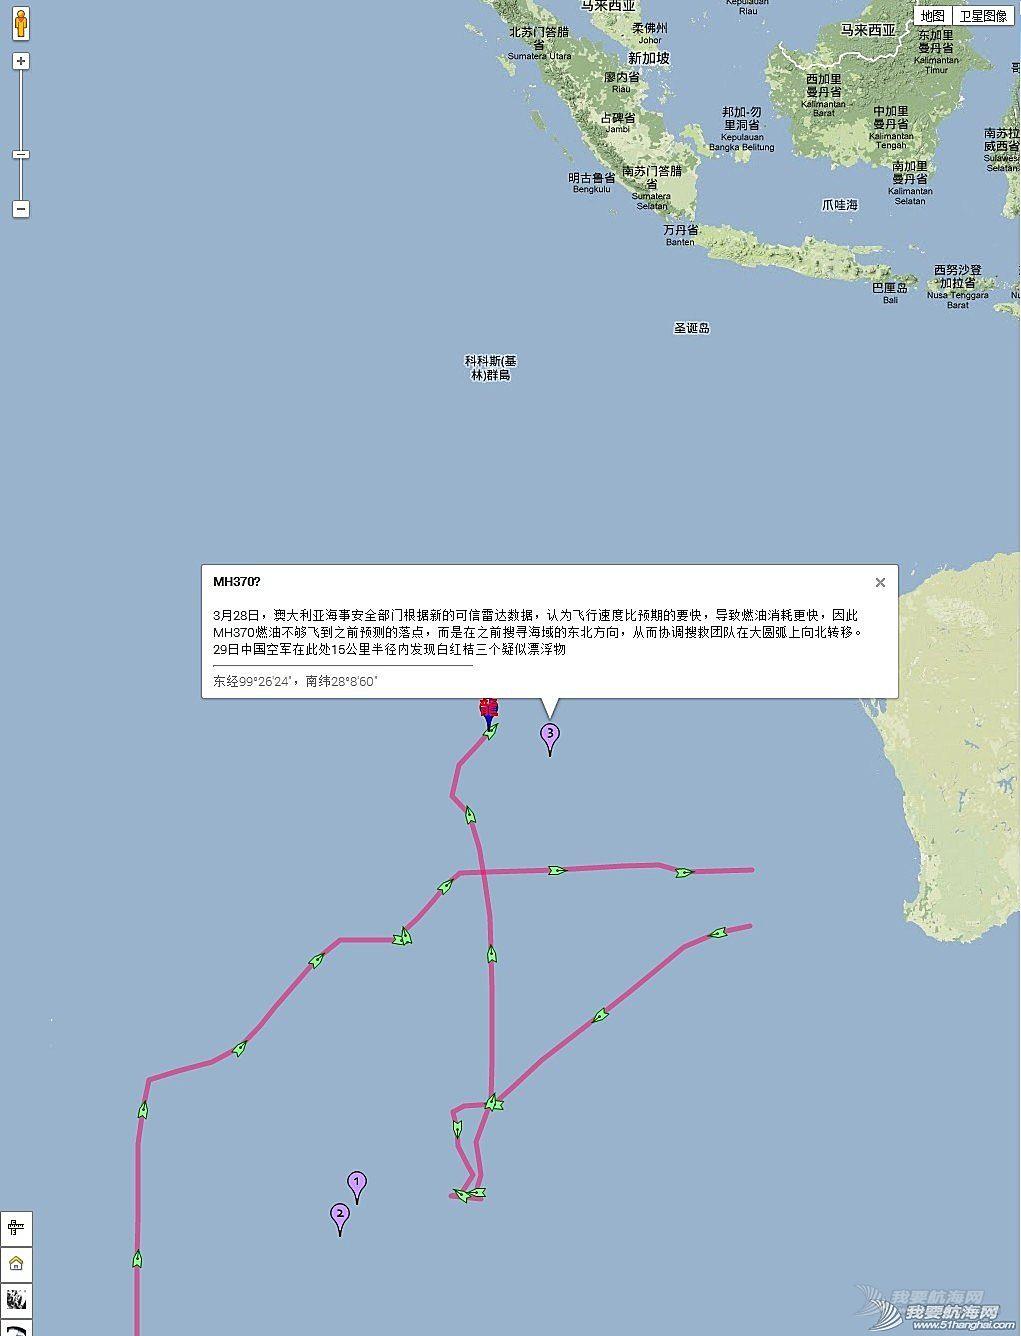 雪龙号 【雪龙动态】雪龙号北上,去 第三个MH370疑似点搜寻